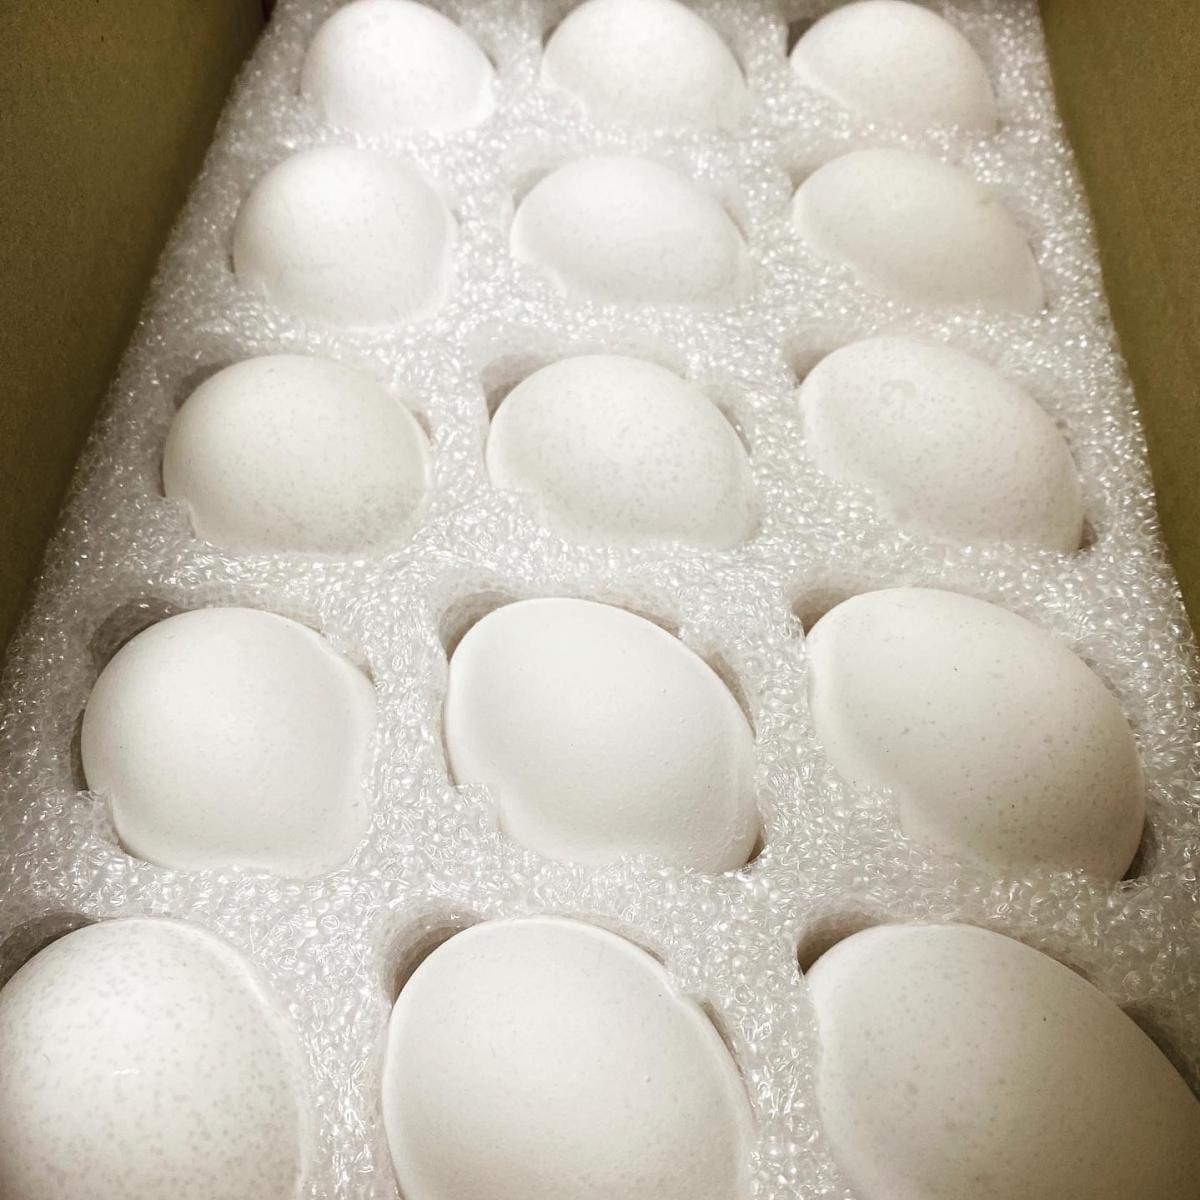 小農的蛋30顆(新鮮無藥殘無抗生素的雞蛋)-上豐蛋品有限公司(雞蛋.蛋白液.香蛋) 0